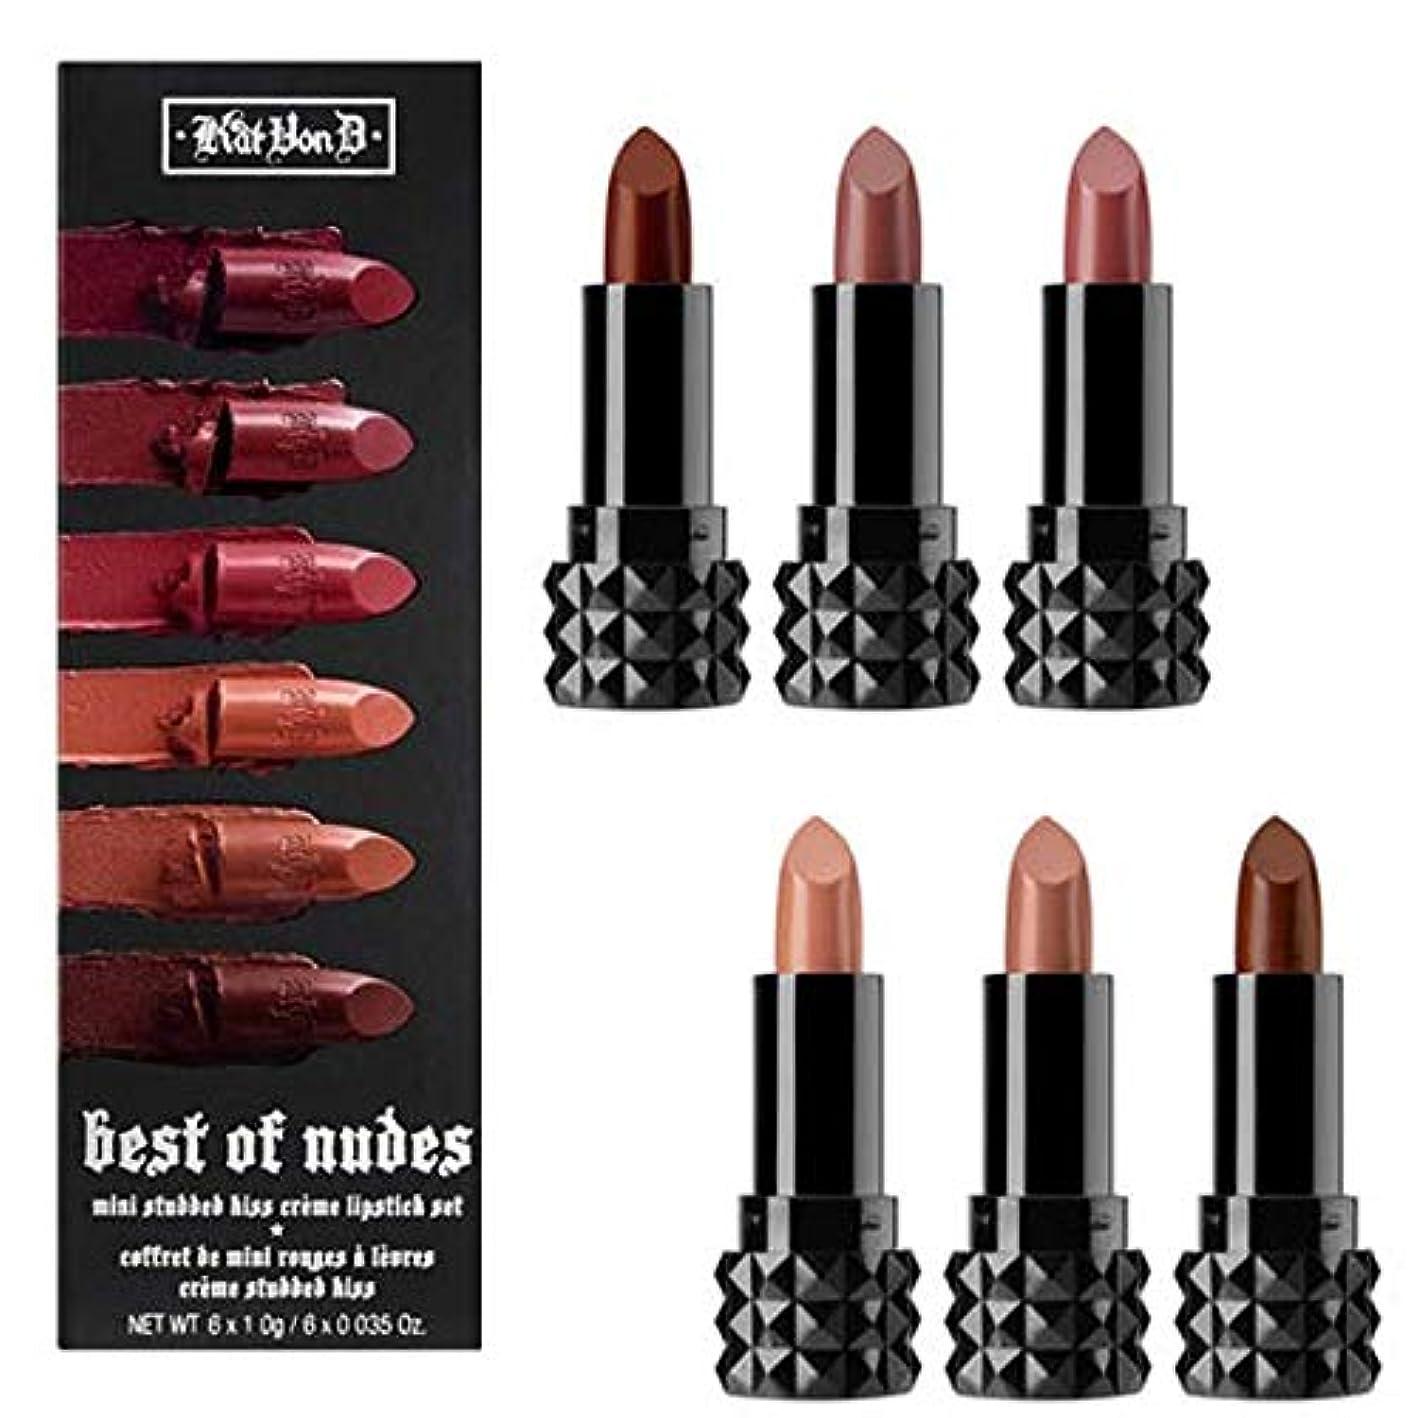 リーチ人質腐敗Kat Von D キャットヴォンD, 限定版 Best of Nudes Mini ミニ Studded Kiss Crème Lipstick Set [並行輸入品] [海外直送品]